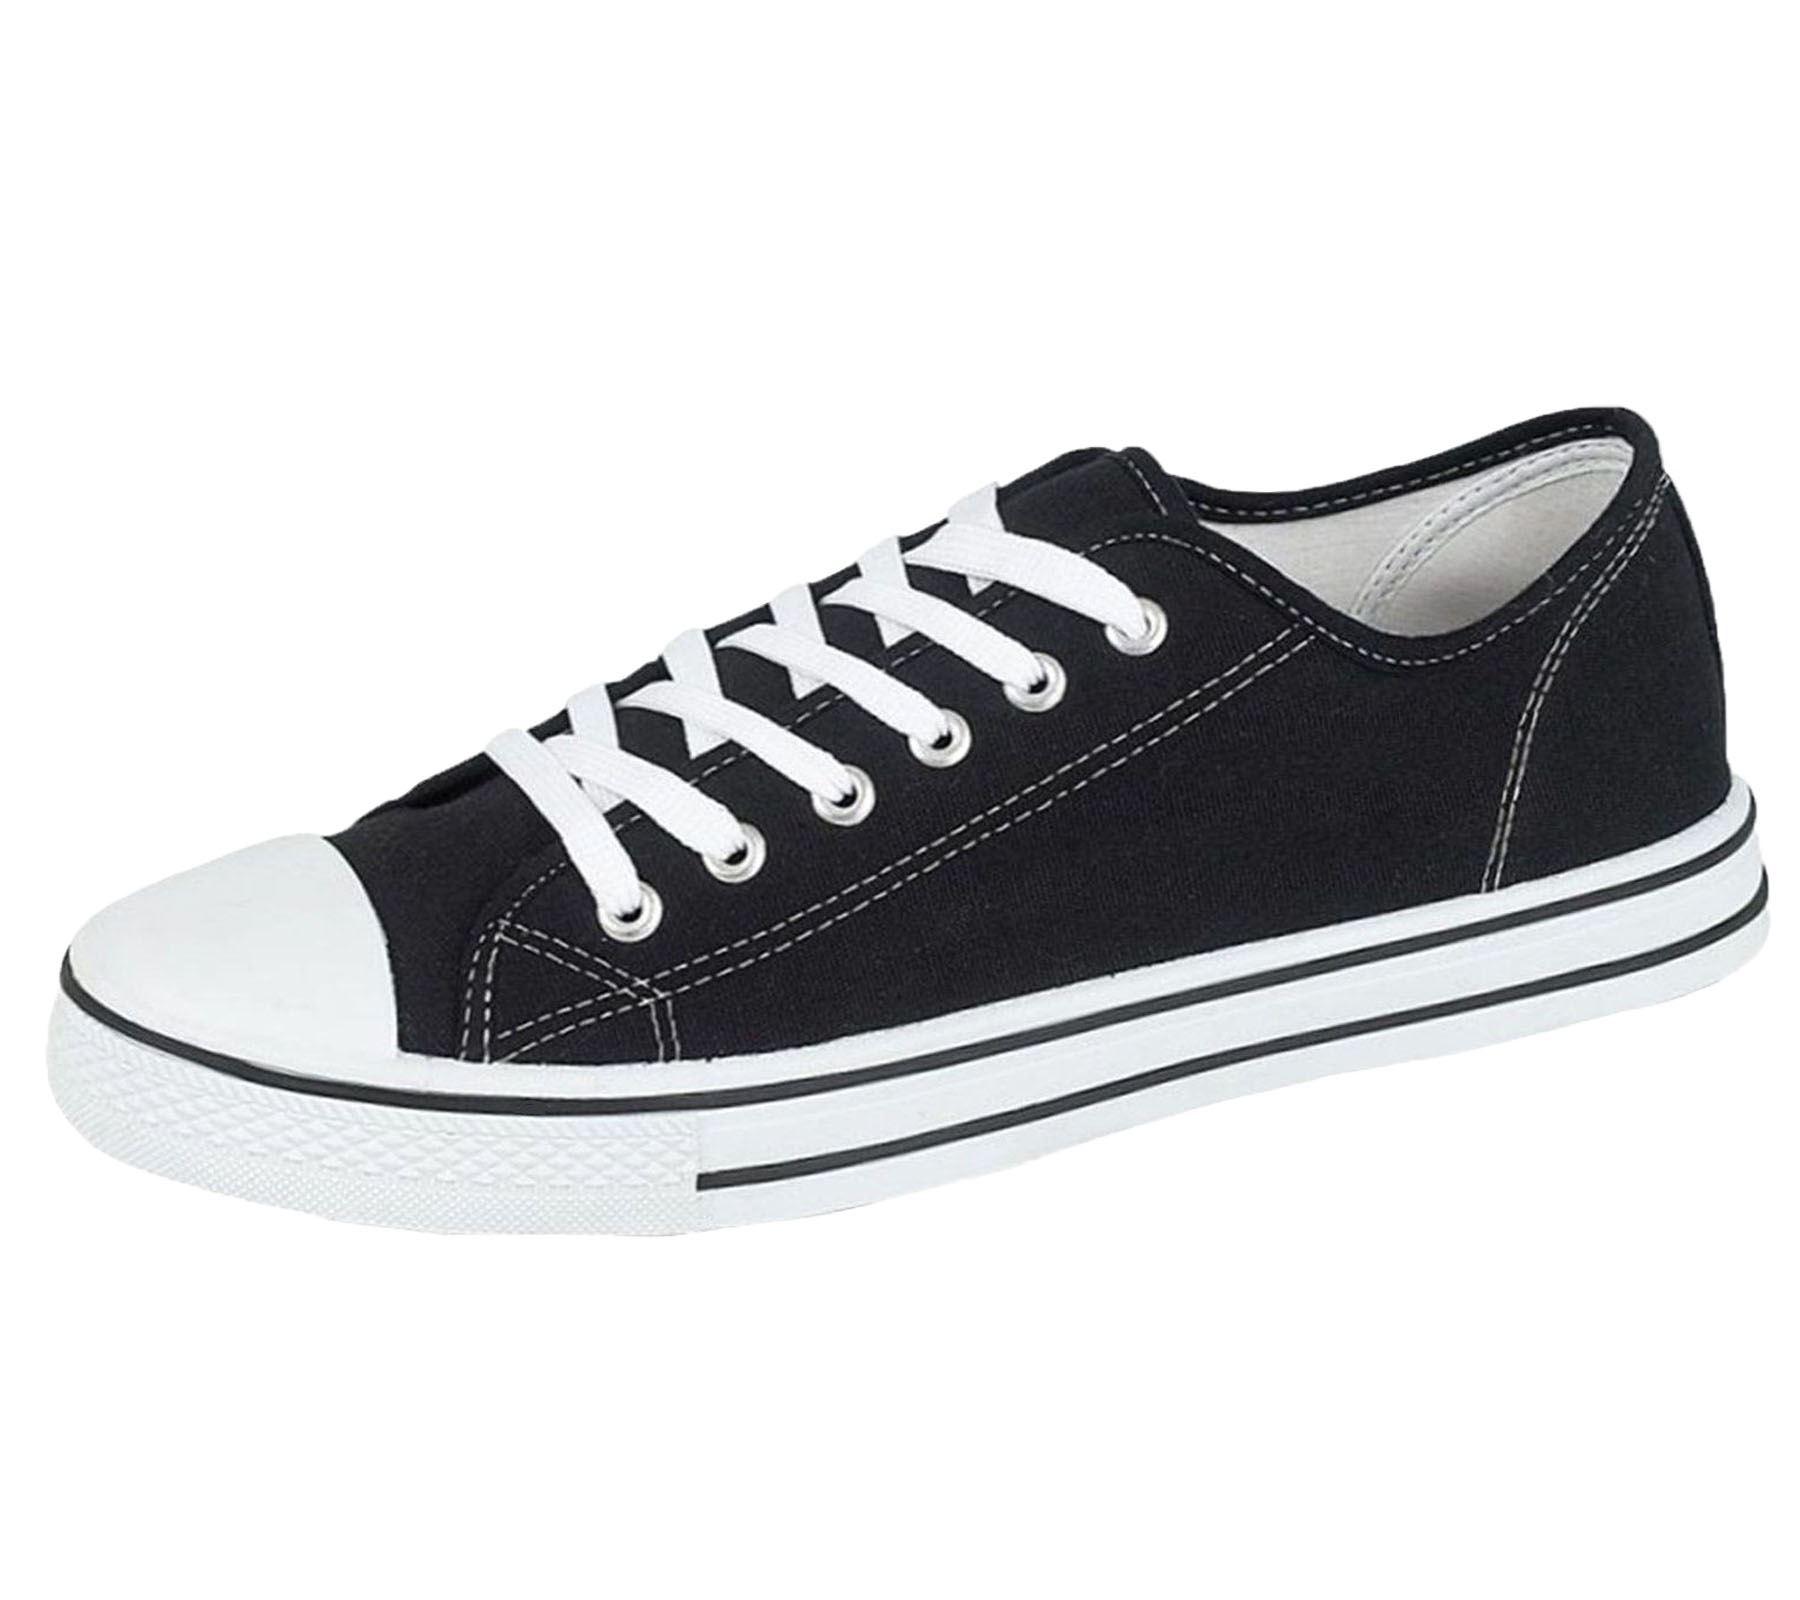 Mens-Canvas-Shoes-Plimsole-Trainer-Pumps-Lace-Up-Flat-Shoes thumbnail 13